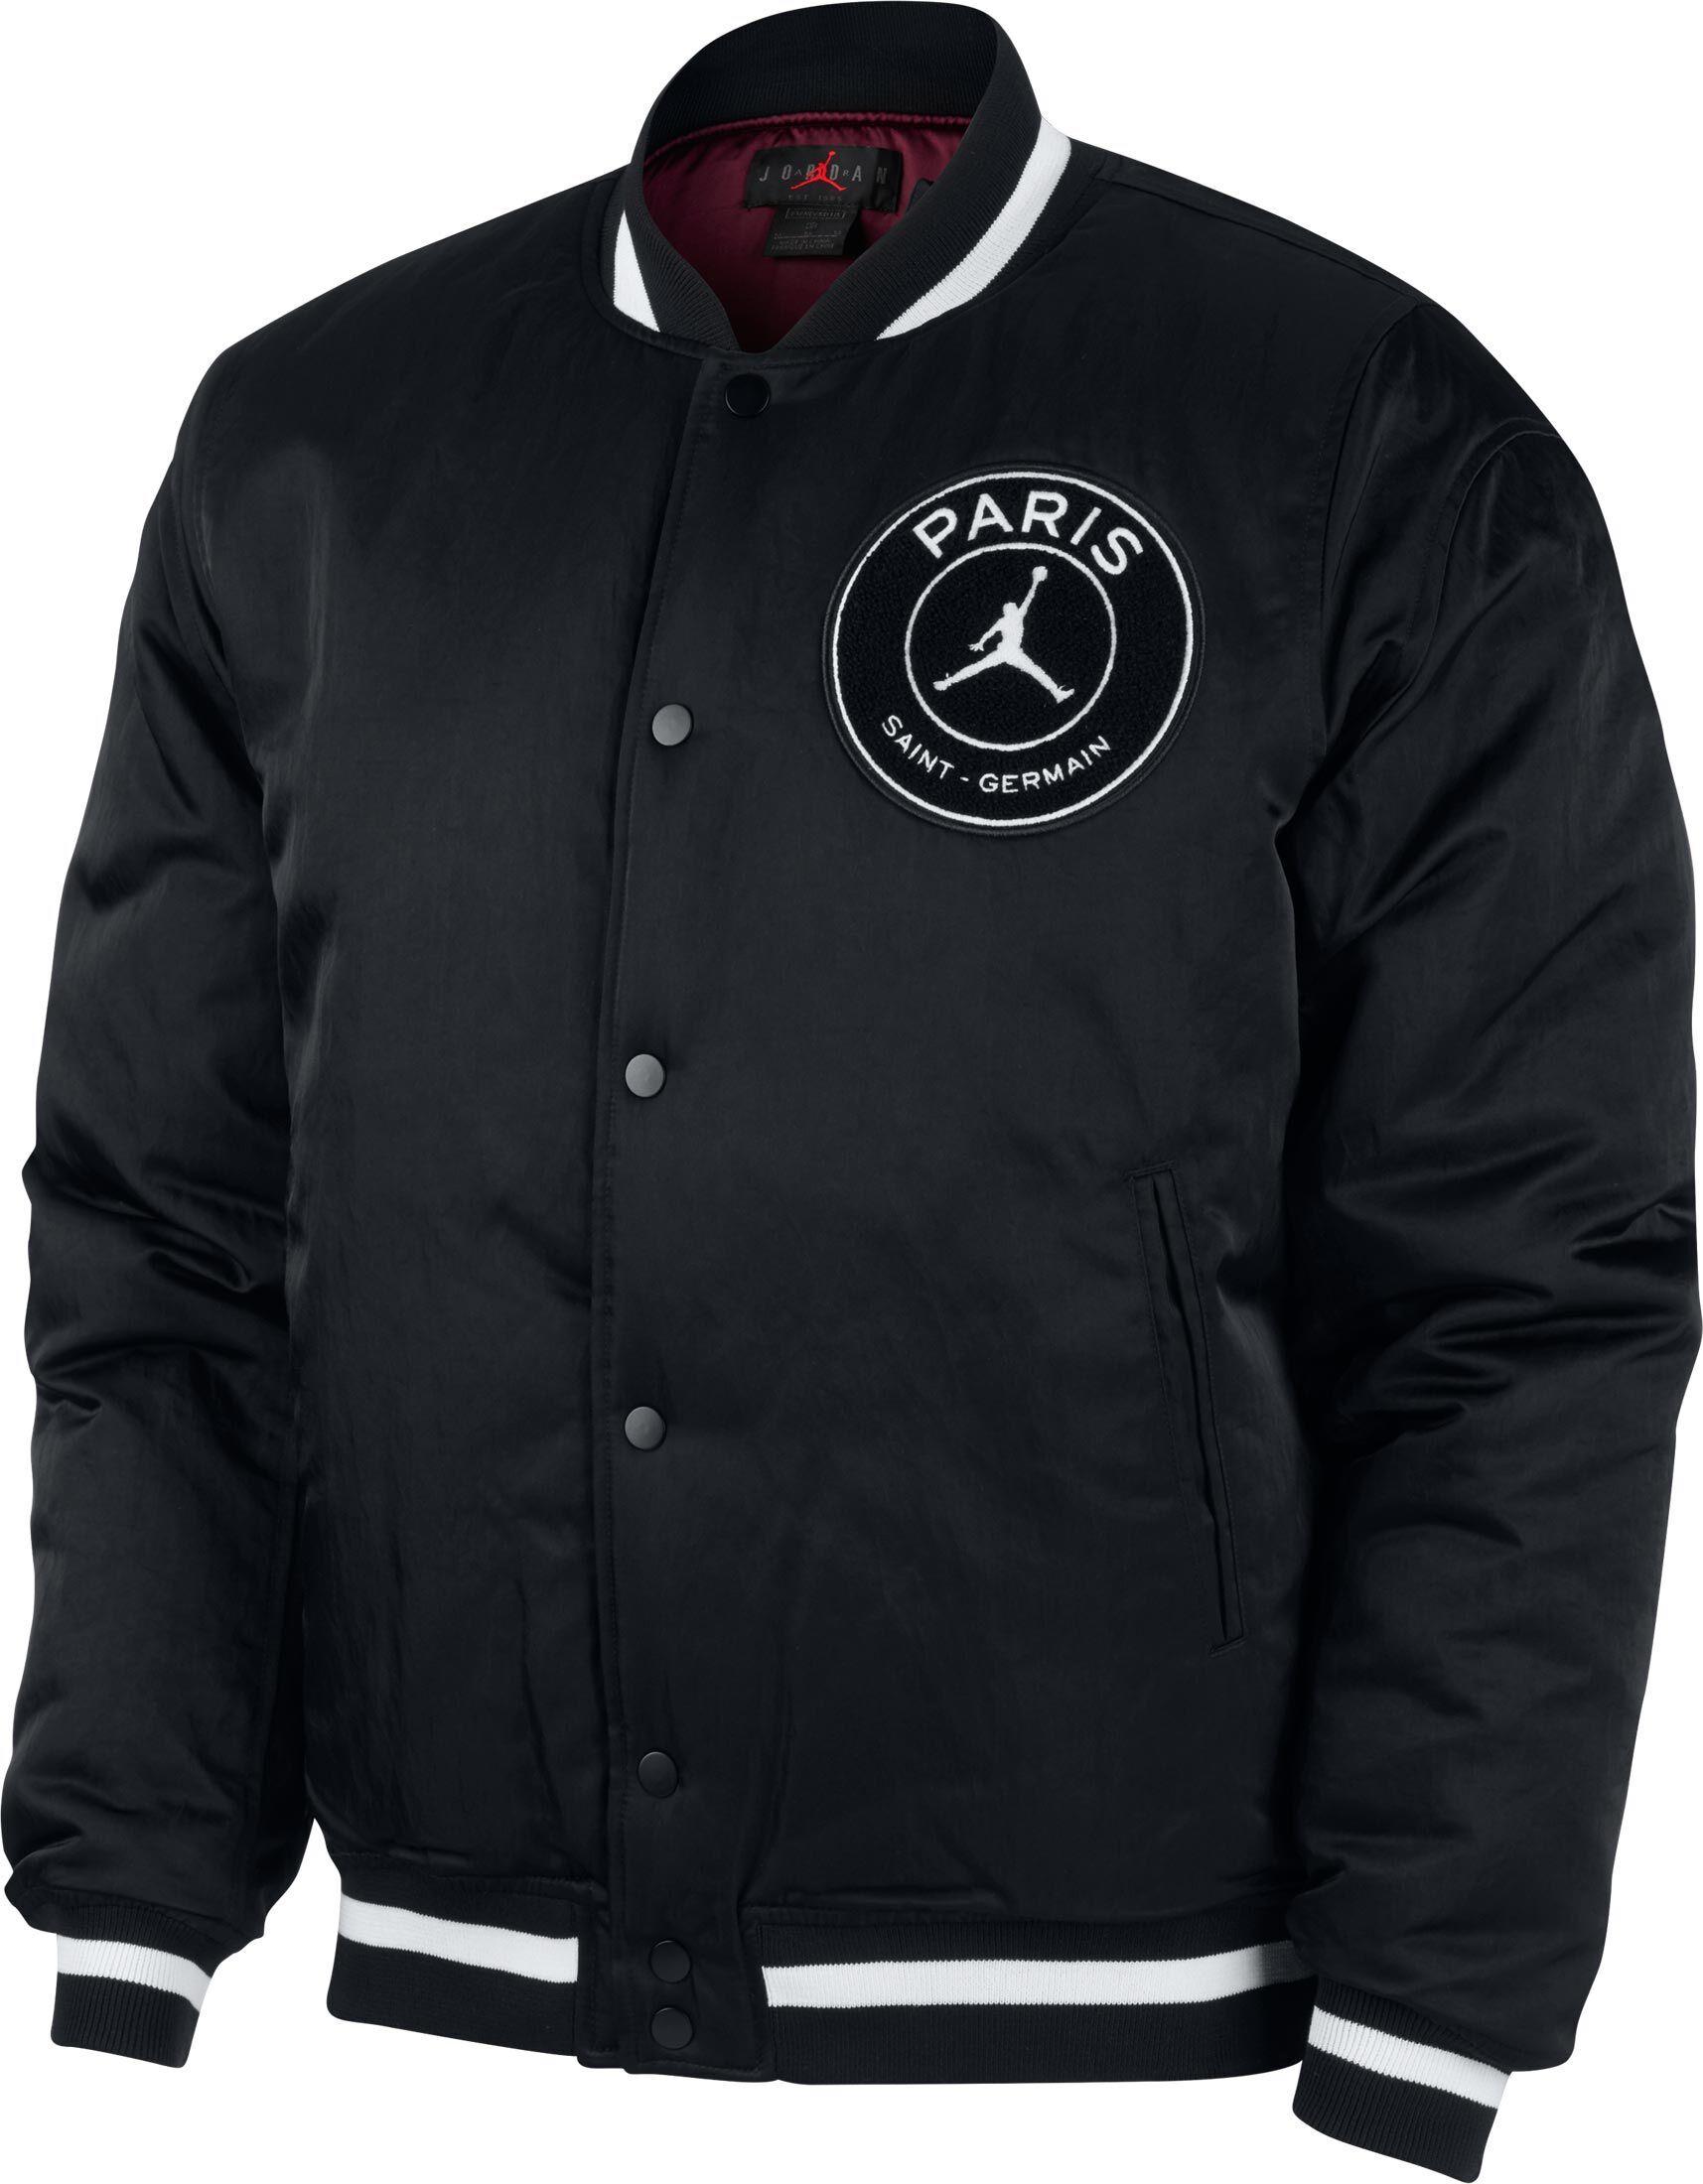 Jordan Paris Saint-Germain, taille XL, homme, noir